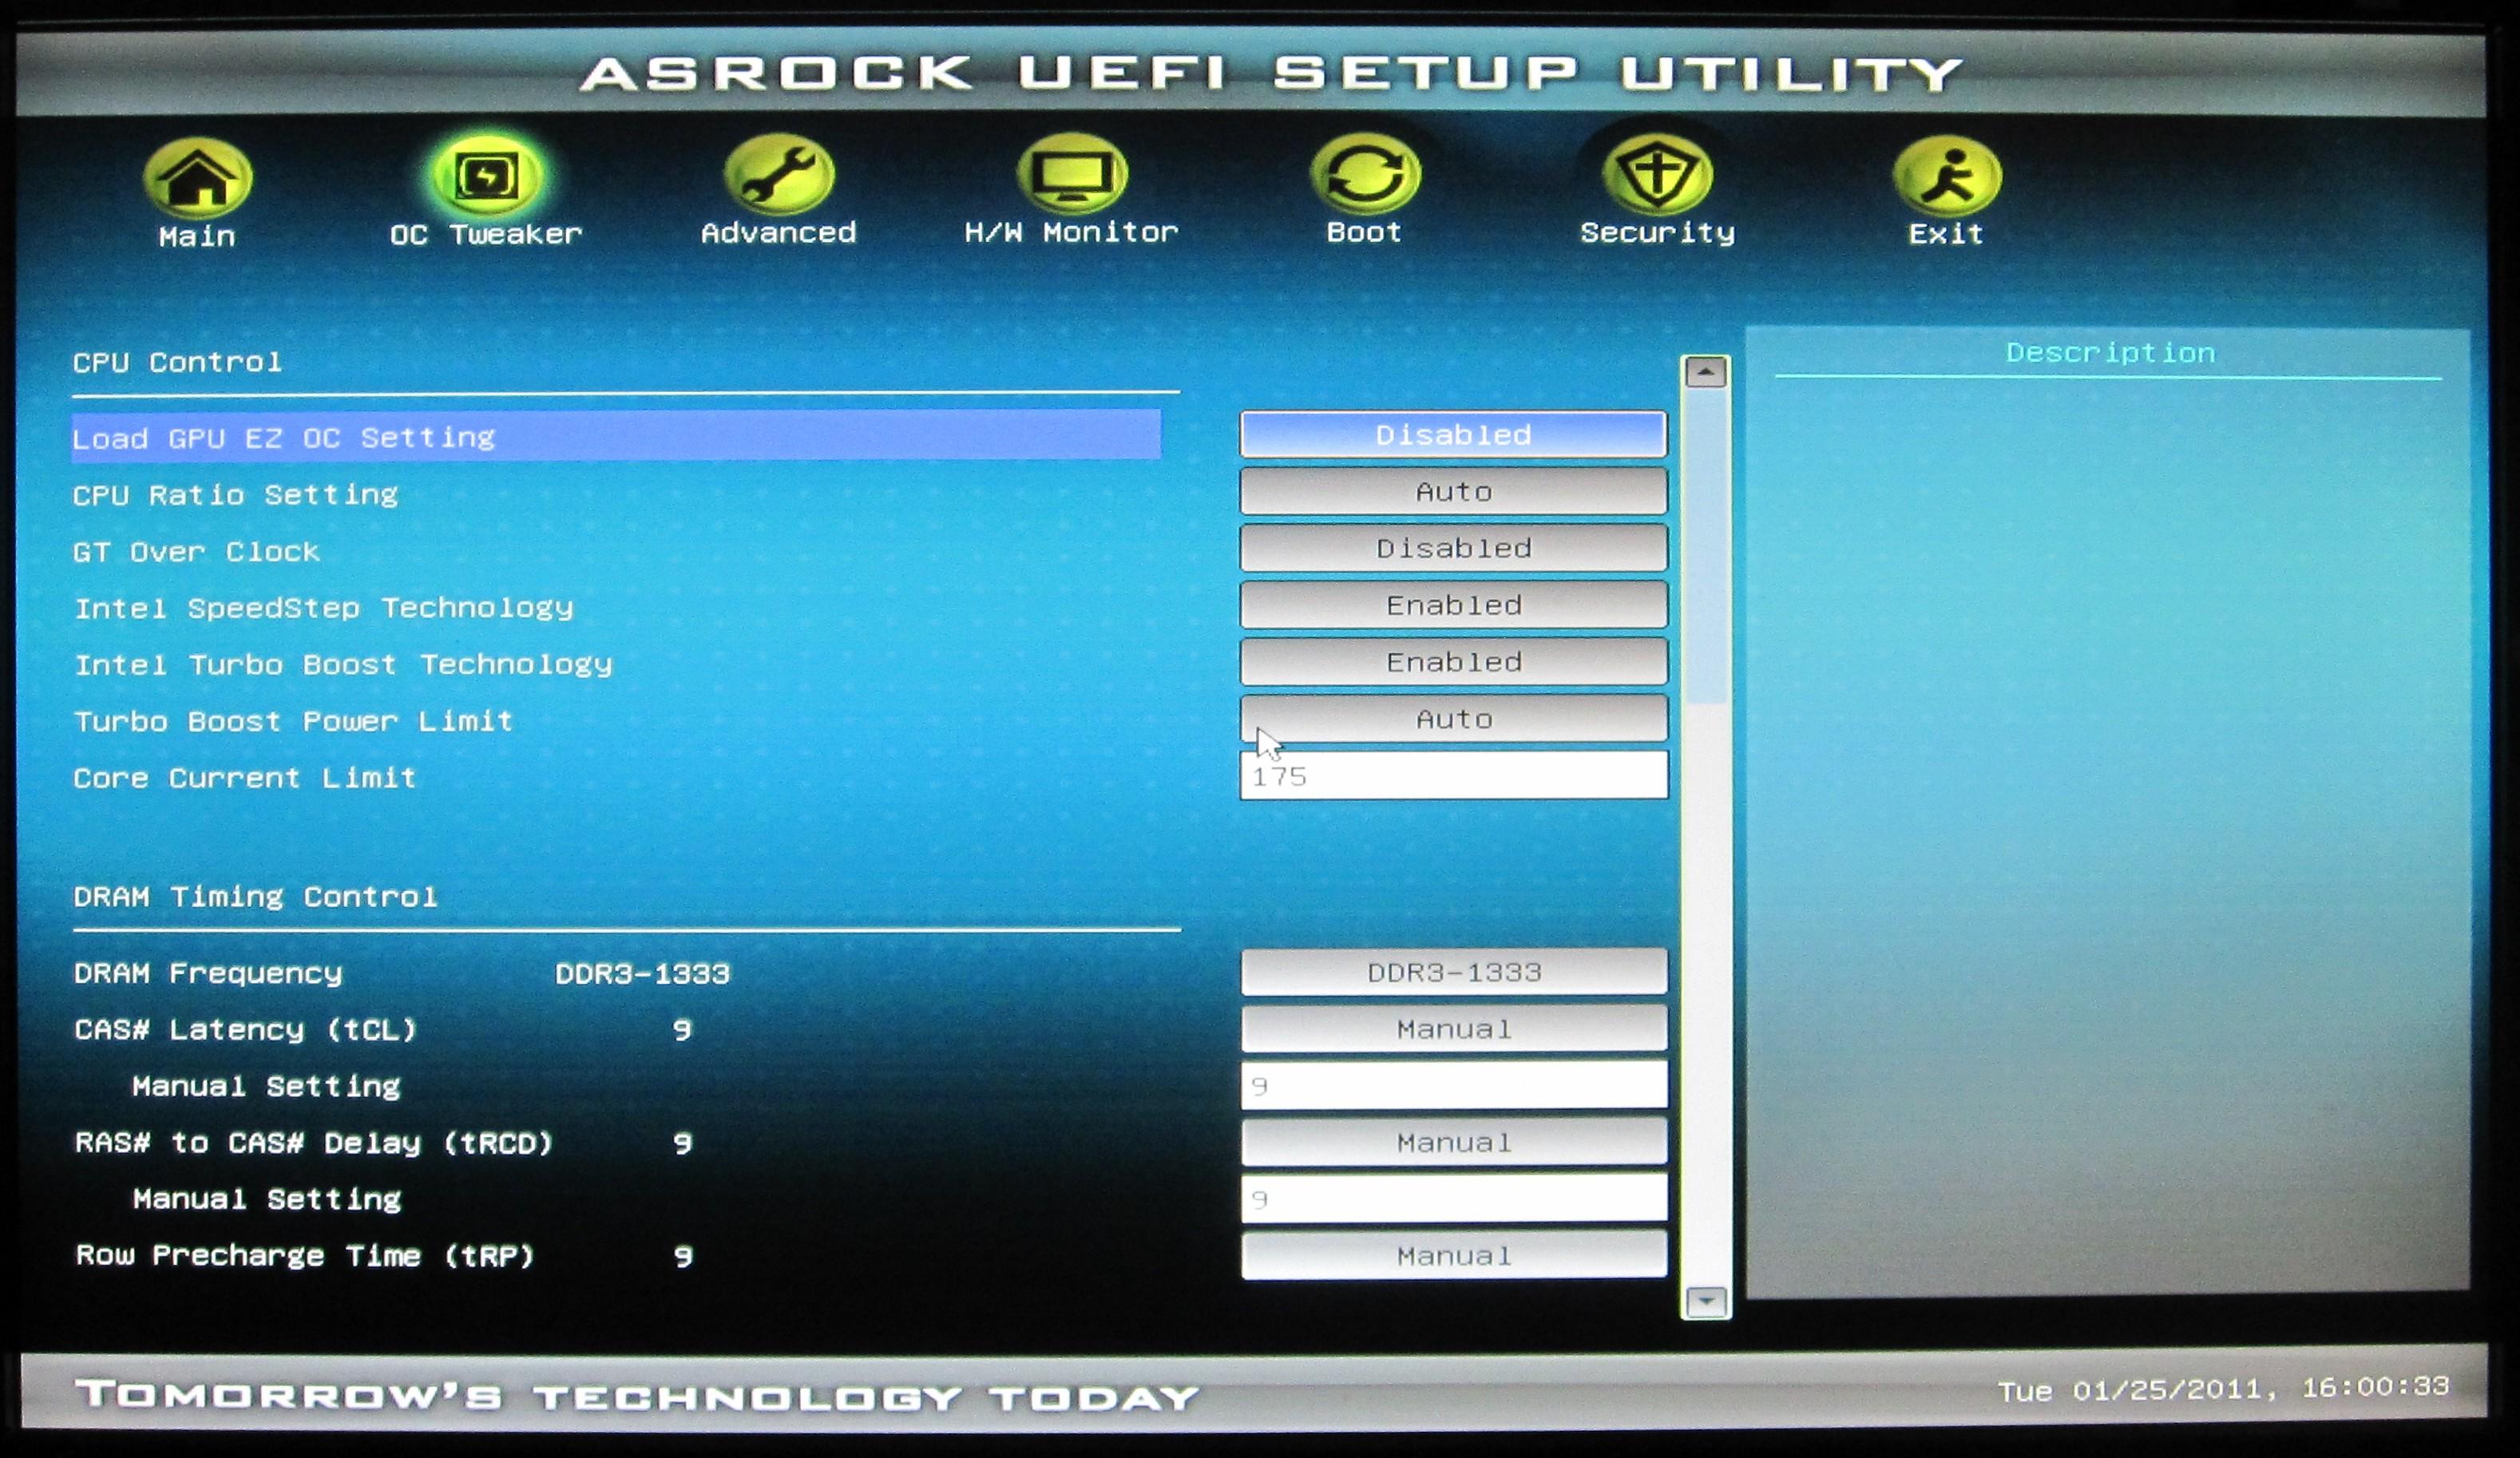 ASRock H67M-GE/HT: UEFI, Overclocking - H67 – A Triumvirate of